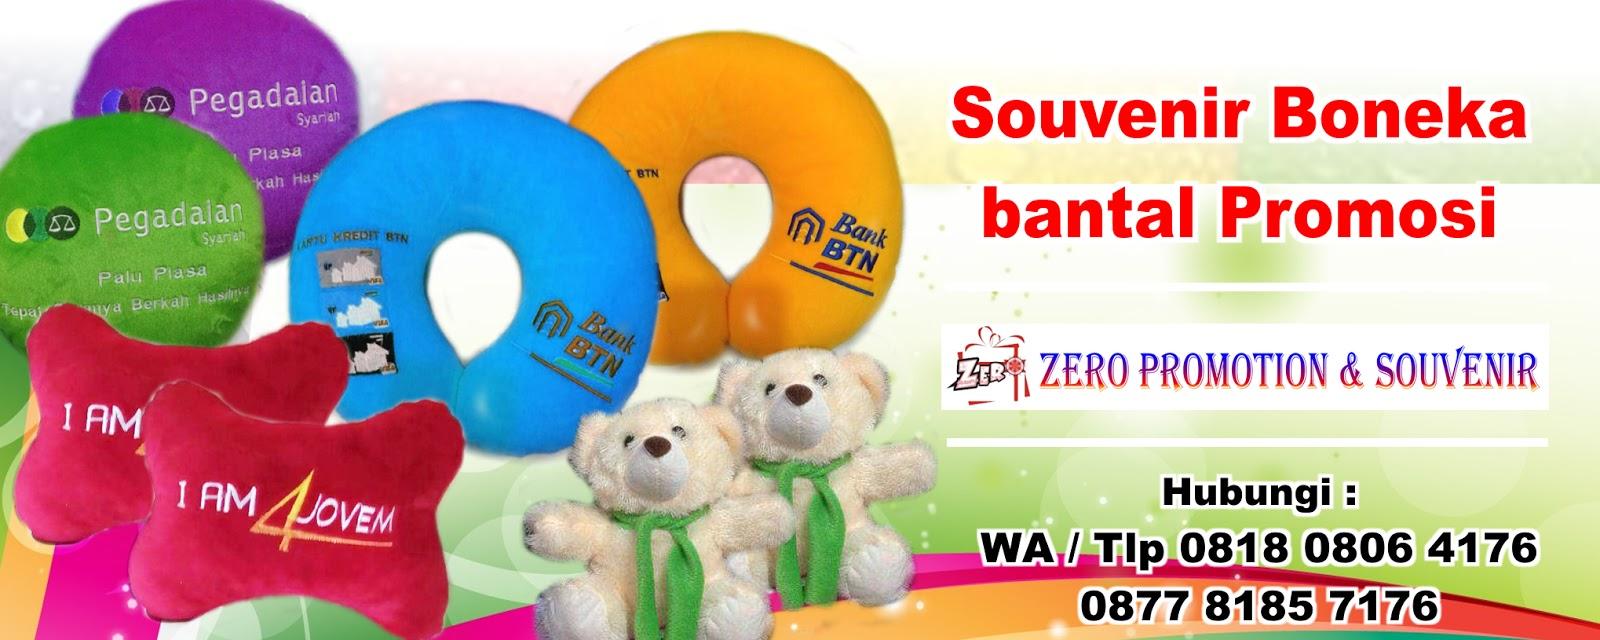 Souvenir Boneka   bantal Promosi 32286e85f3